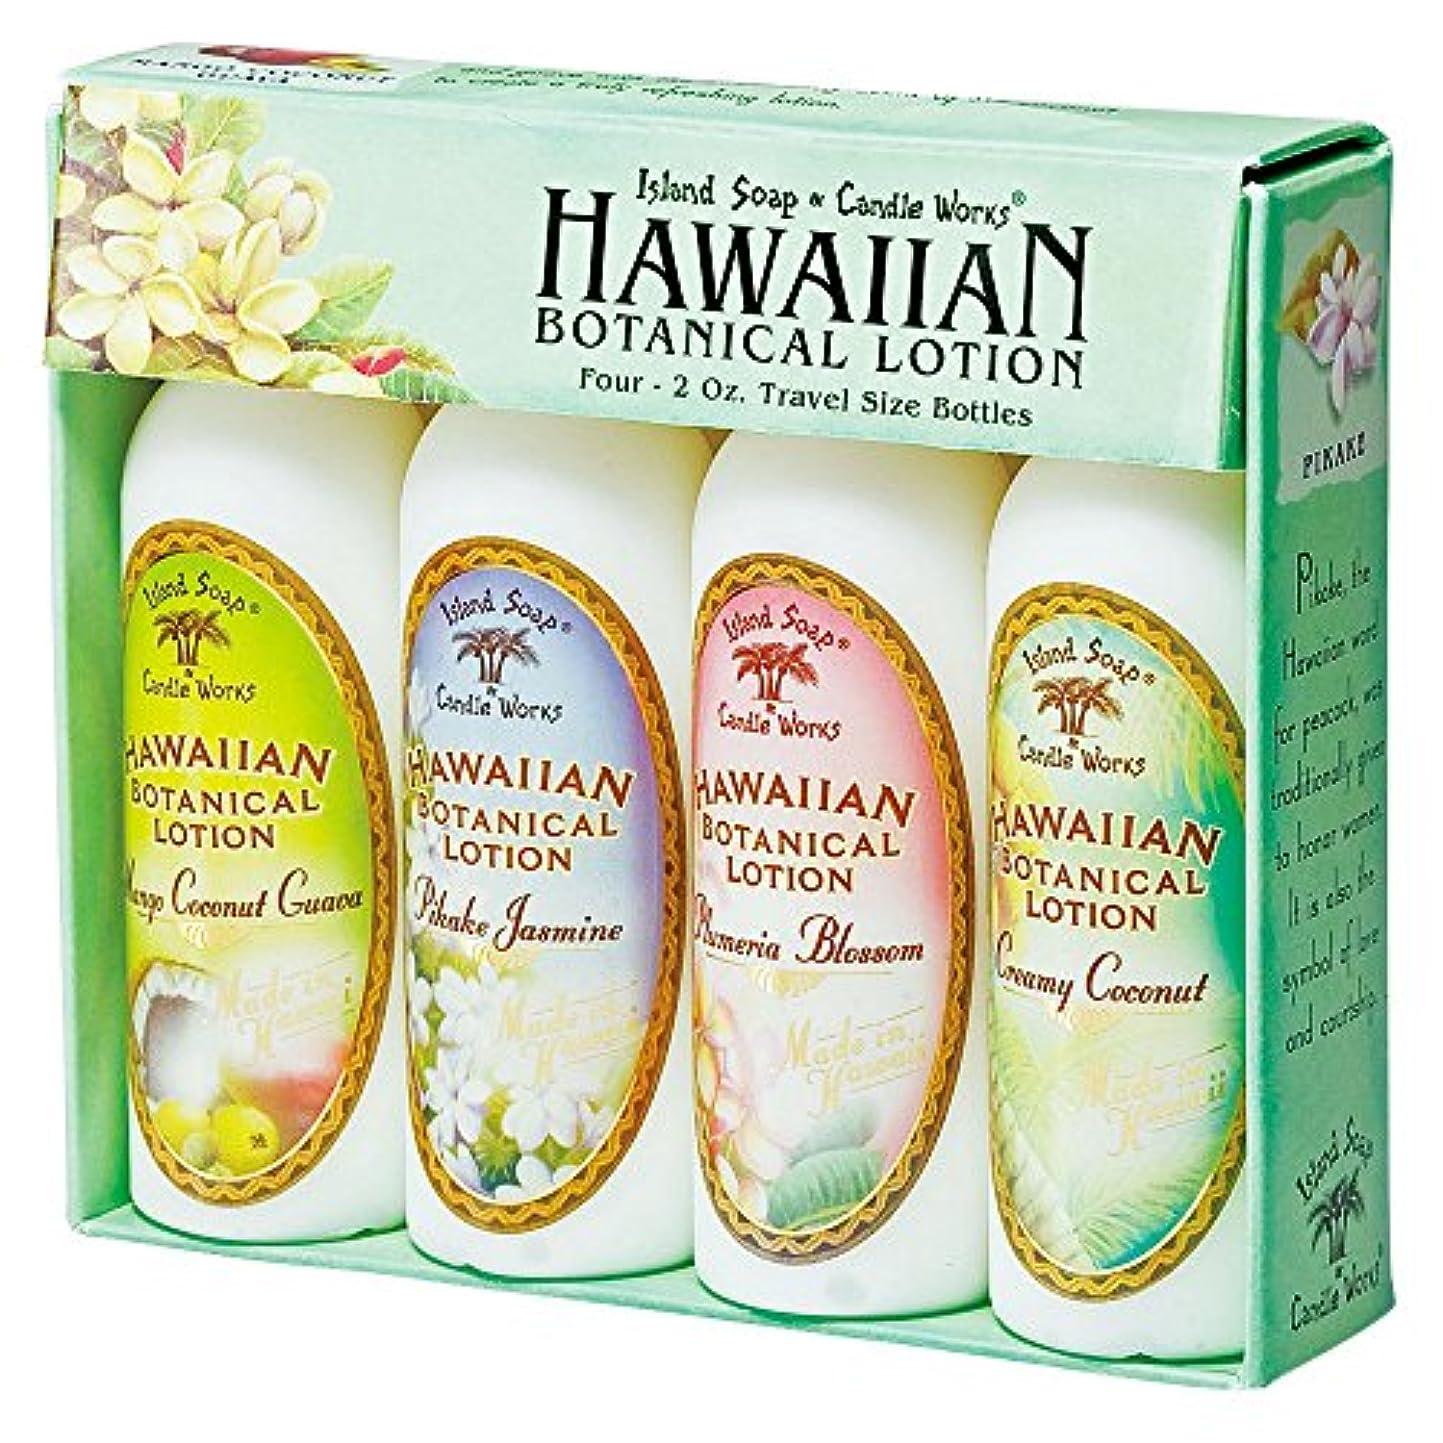 バルーン先例宝石ハワイお土産 ハワイアイランドソープ トロピカルローション ミニ 4種セット